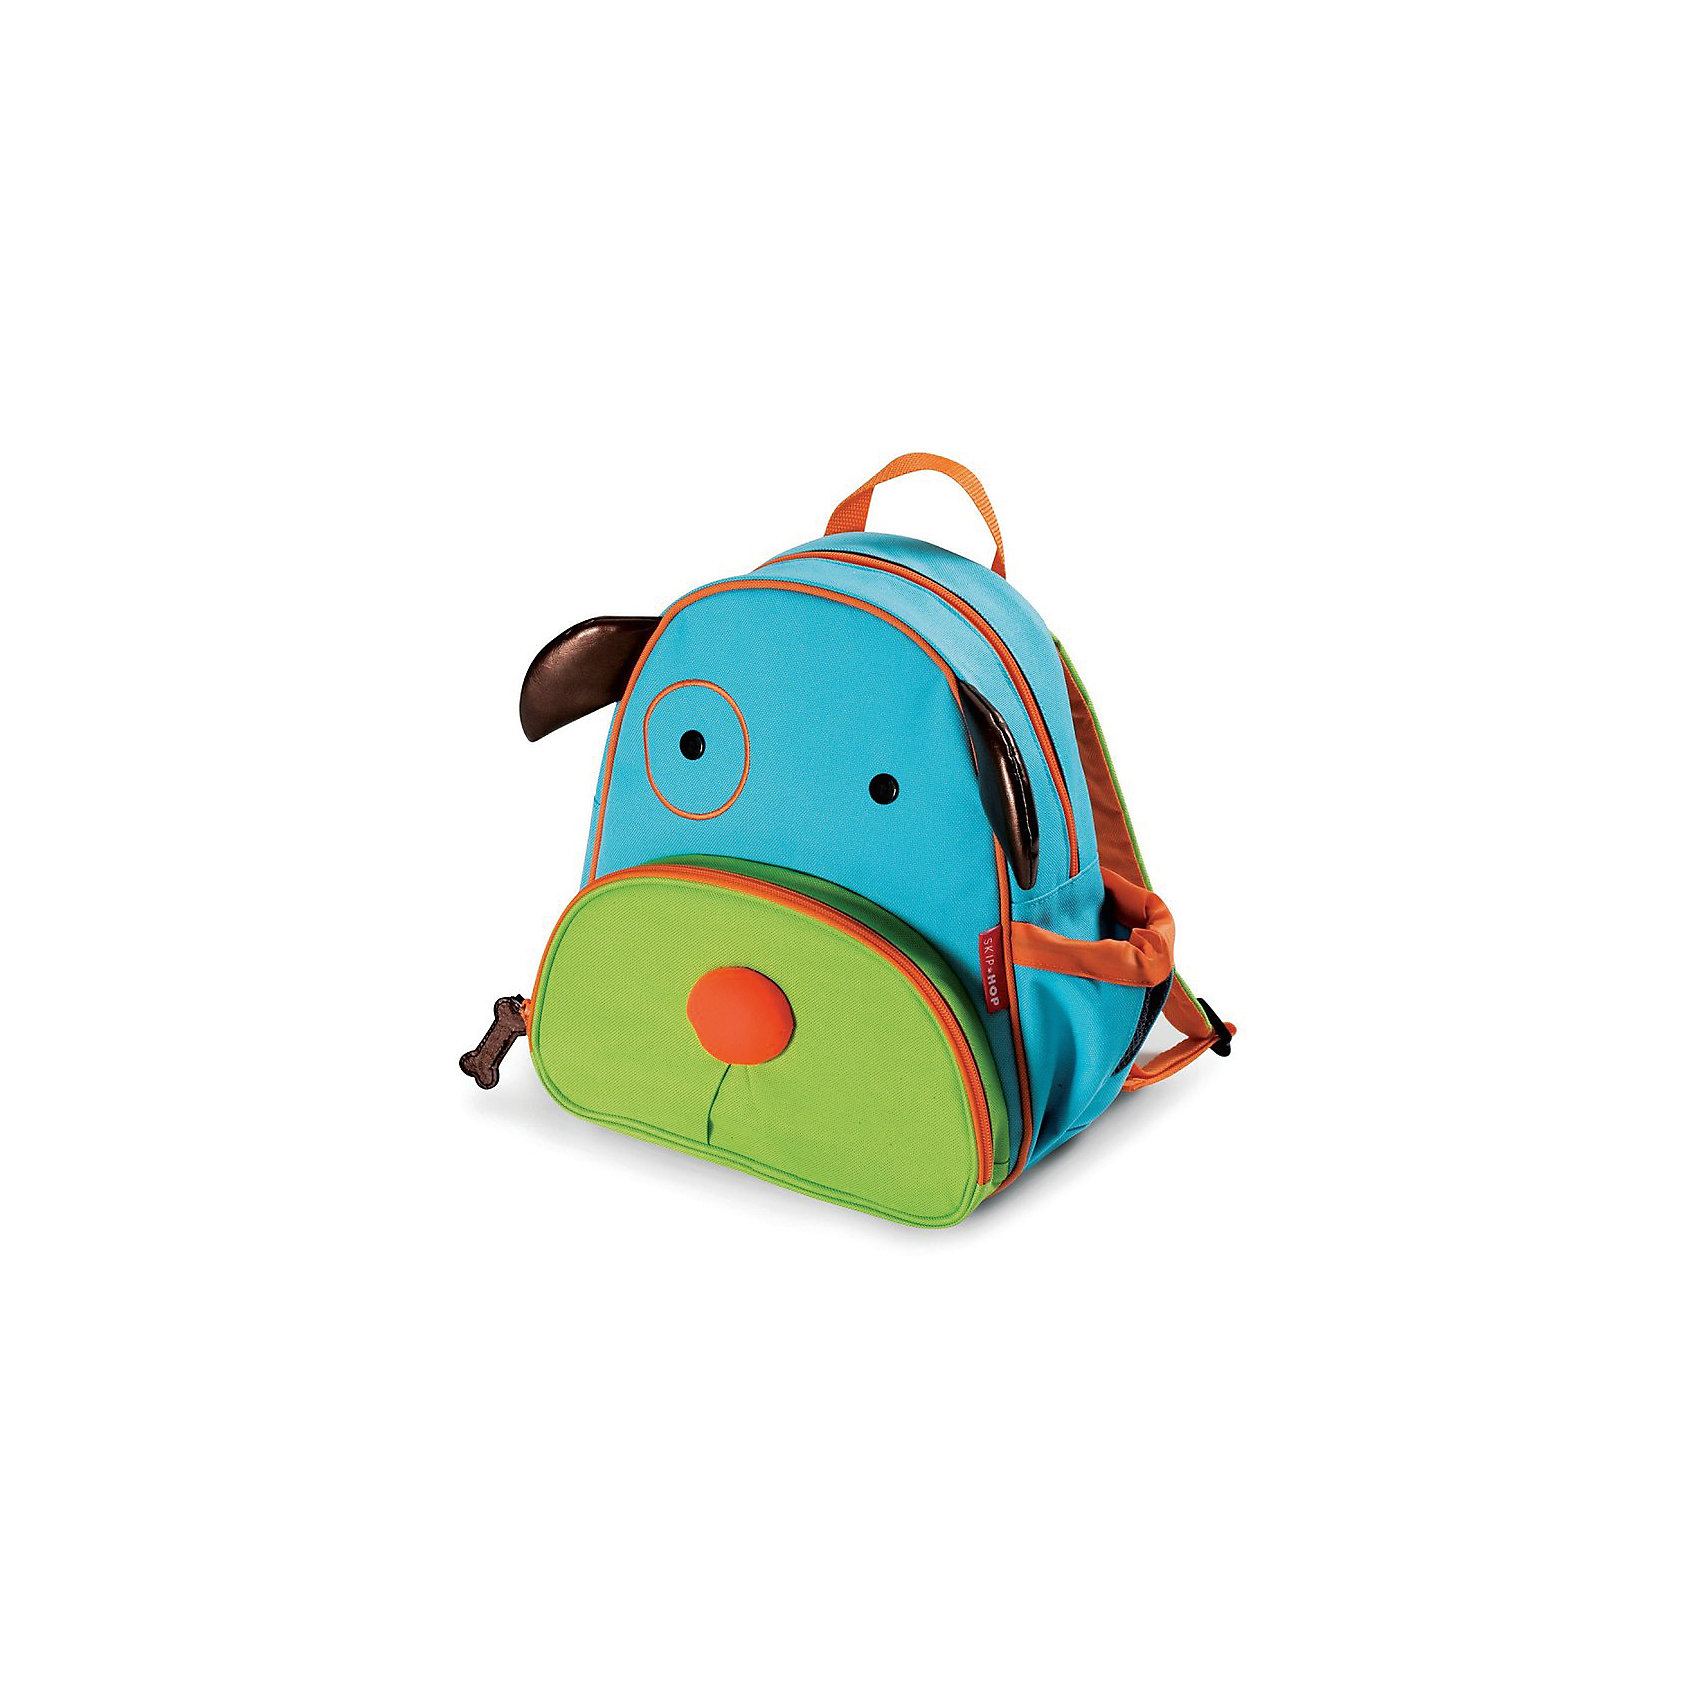 Рюкзак детский Собака, Skip HopДетские рюкзаки<br>Характеристики товара:<br><br>• возраст от 3 лет;<br>• материал: полиэстер;<br>• размер рюкзака 25х29х11 см;<br>• вес рюкзака 270 гр.;<br>• страна производитель: Китай.<br><br>Рюкзак детский «Собака» Skip Hop выполнен в виде забавной собачки с глазками, носиком и ушками. На молниях висят брелки в виде косточки. Ребенок сможет брать с собой все необходимое на прогулку, в детский садик, в гости, на дачу. В основном отделении поместятся тетради, альбомы, блокноты, карандаши, фломастеры. Спереди кармашек для дополнительных мелочей, а сбоку для бутылочки с напитком или бокса для еды. <br><br>Мягкие регулируемые лямки обеспечивают комфортное ношение. Предусмотрена небольшая ручка для переноски в руках или подвешивания. Рюкзак выполнен из прочной качественной ткани. Его можно стирать в стиральной машине.<br><br>Рюкзак детский «Собака» Skip Hop можно приобрести в нашем интернет-магазине.<br><br>Ширина мм: 290<br>Глубина мм: 50<br>Высота мм: 320<br>Вес г: 350<br>Возраст от месяцев: 24<br>Возраст до месяцев: 72<br>Пол: Унисекс<br>Возраст: Детский<br>SKU: 5608246